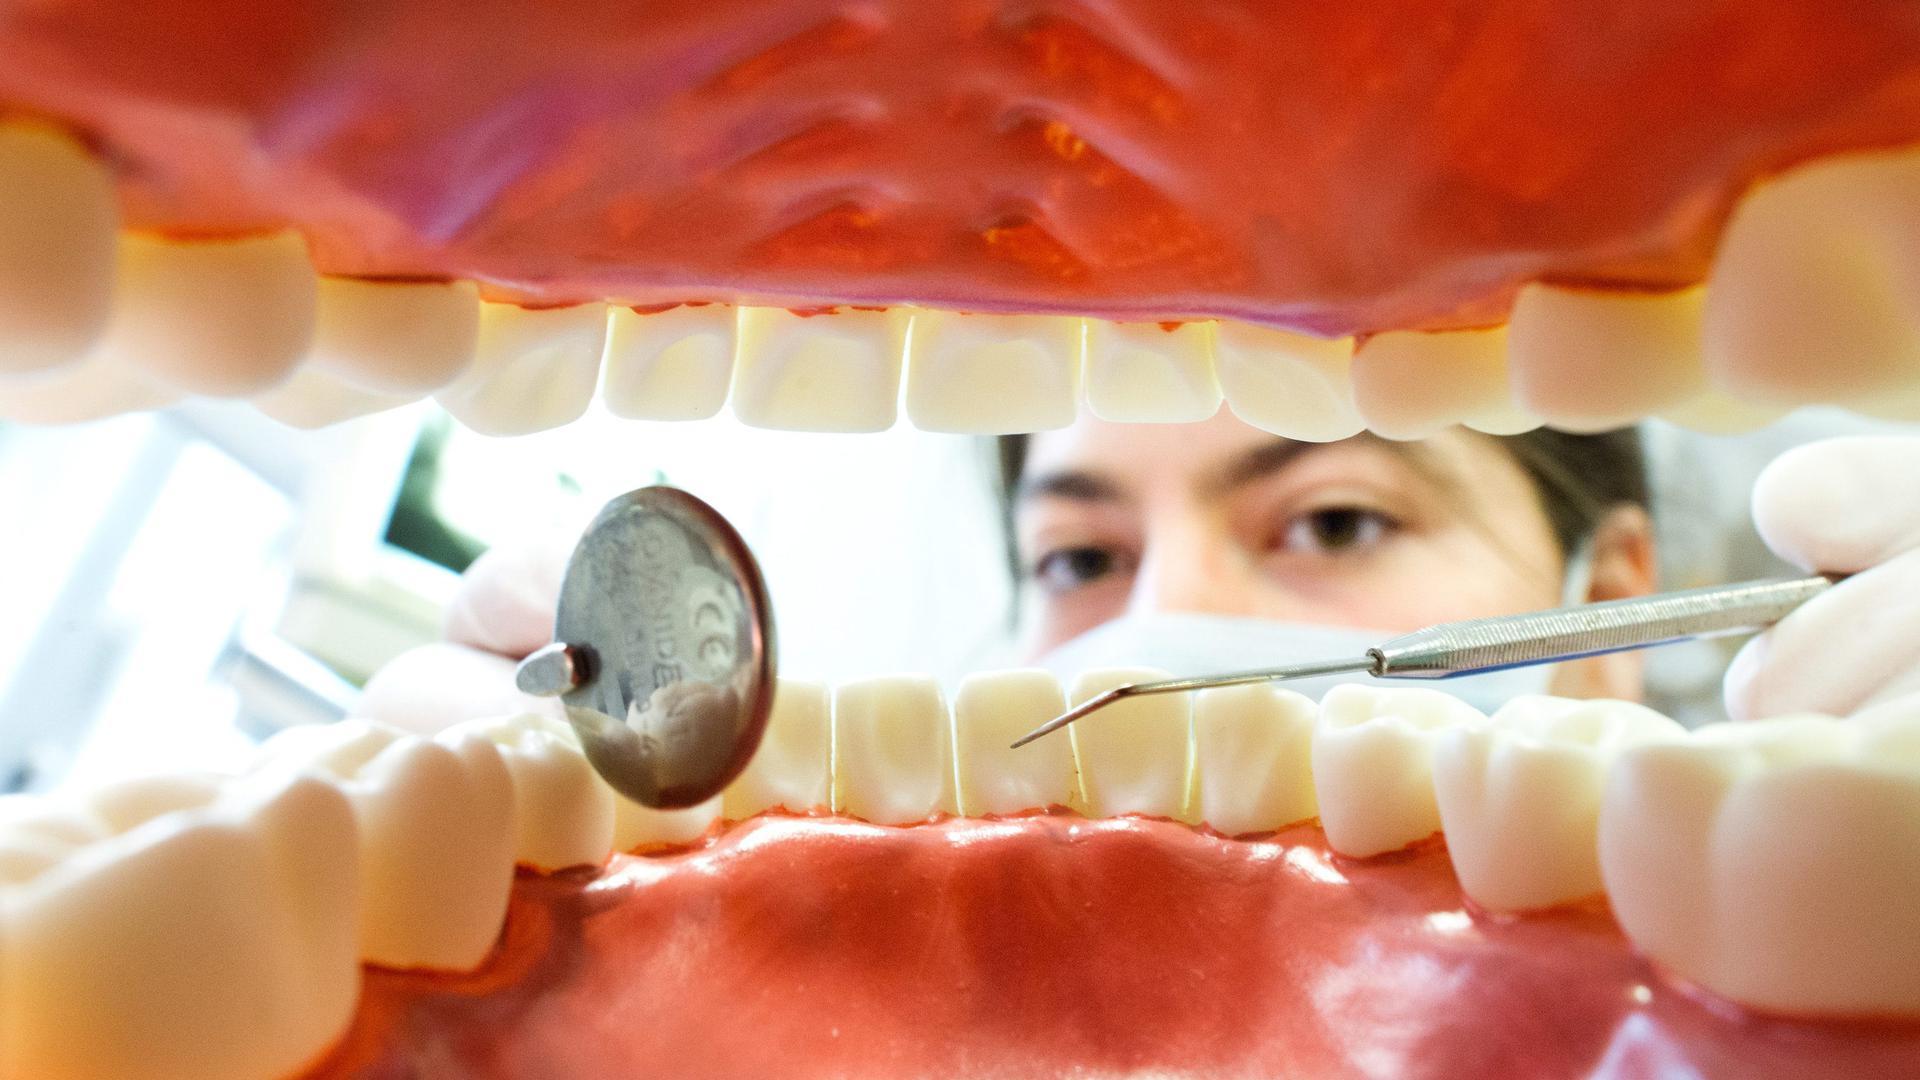 Eine Zahnarzthelferin sitzt in einer Zahnarztpraxis hinter einem künstlichen, überdimensionierten Gebiss.